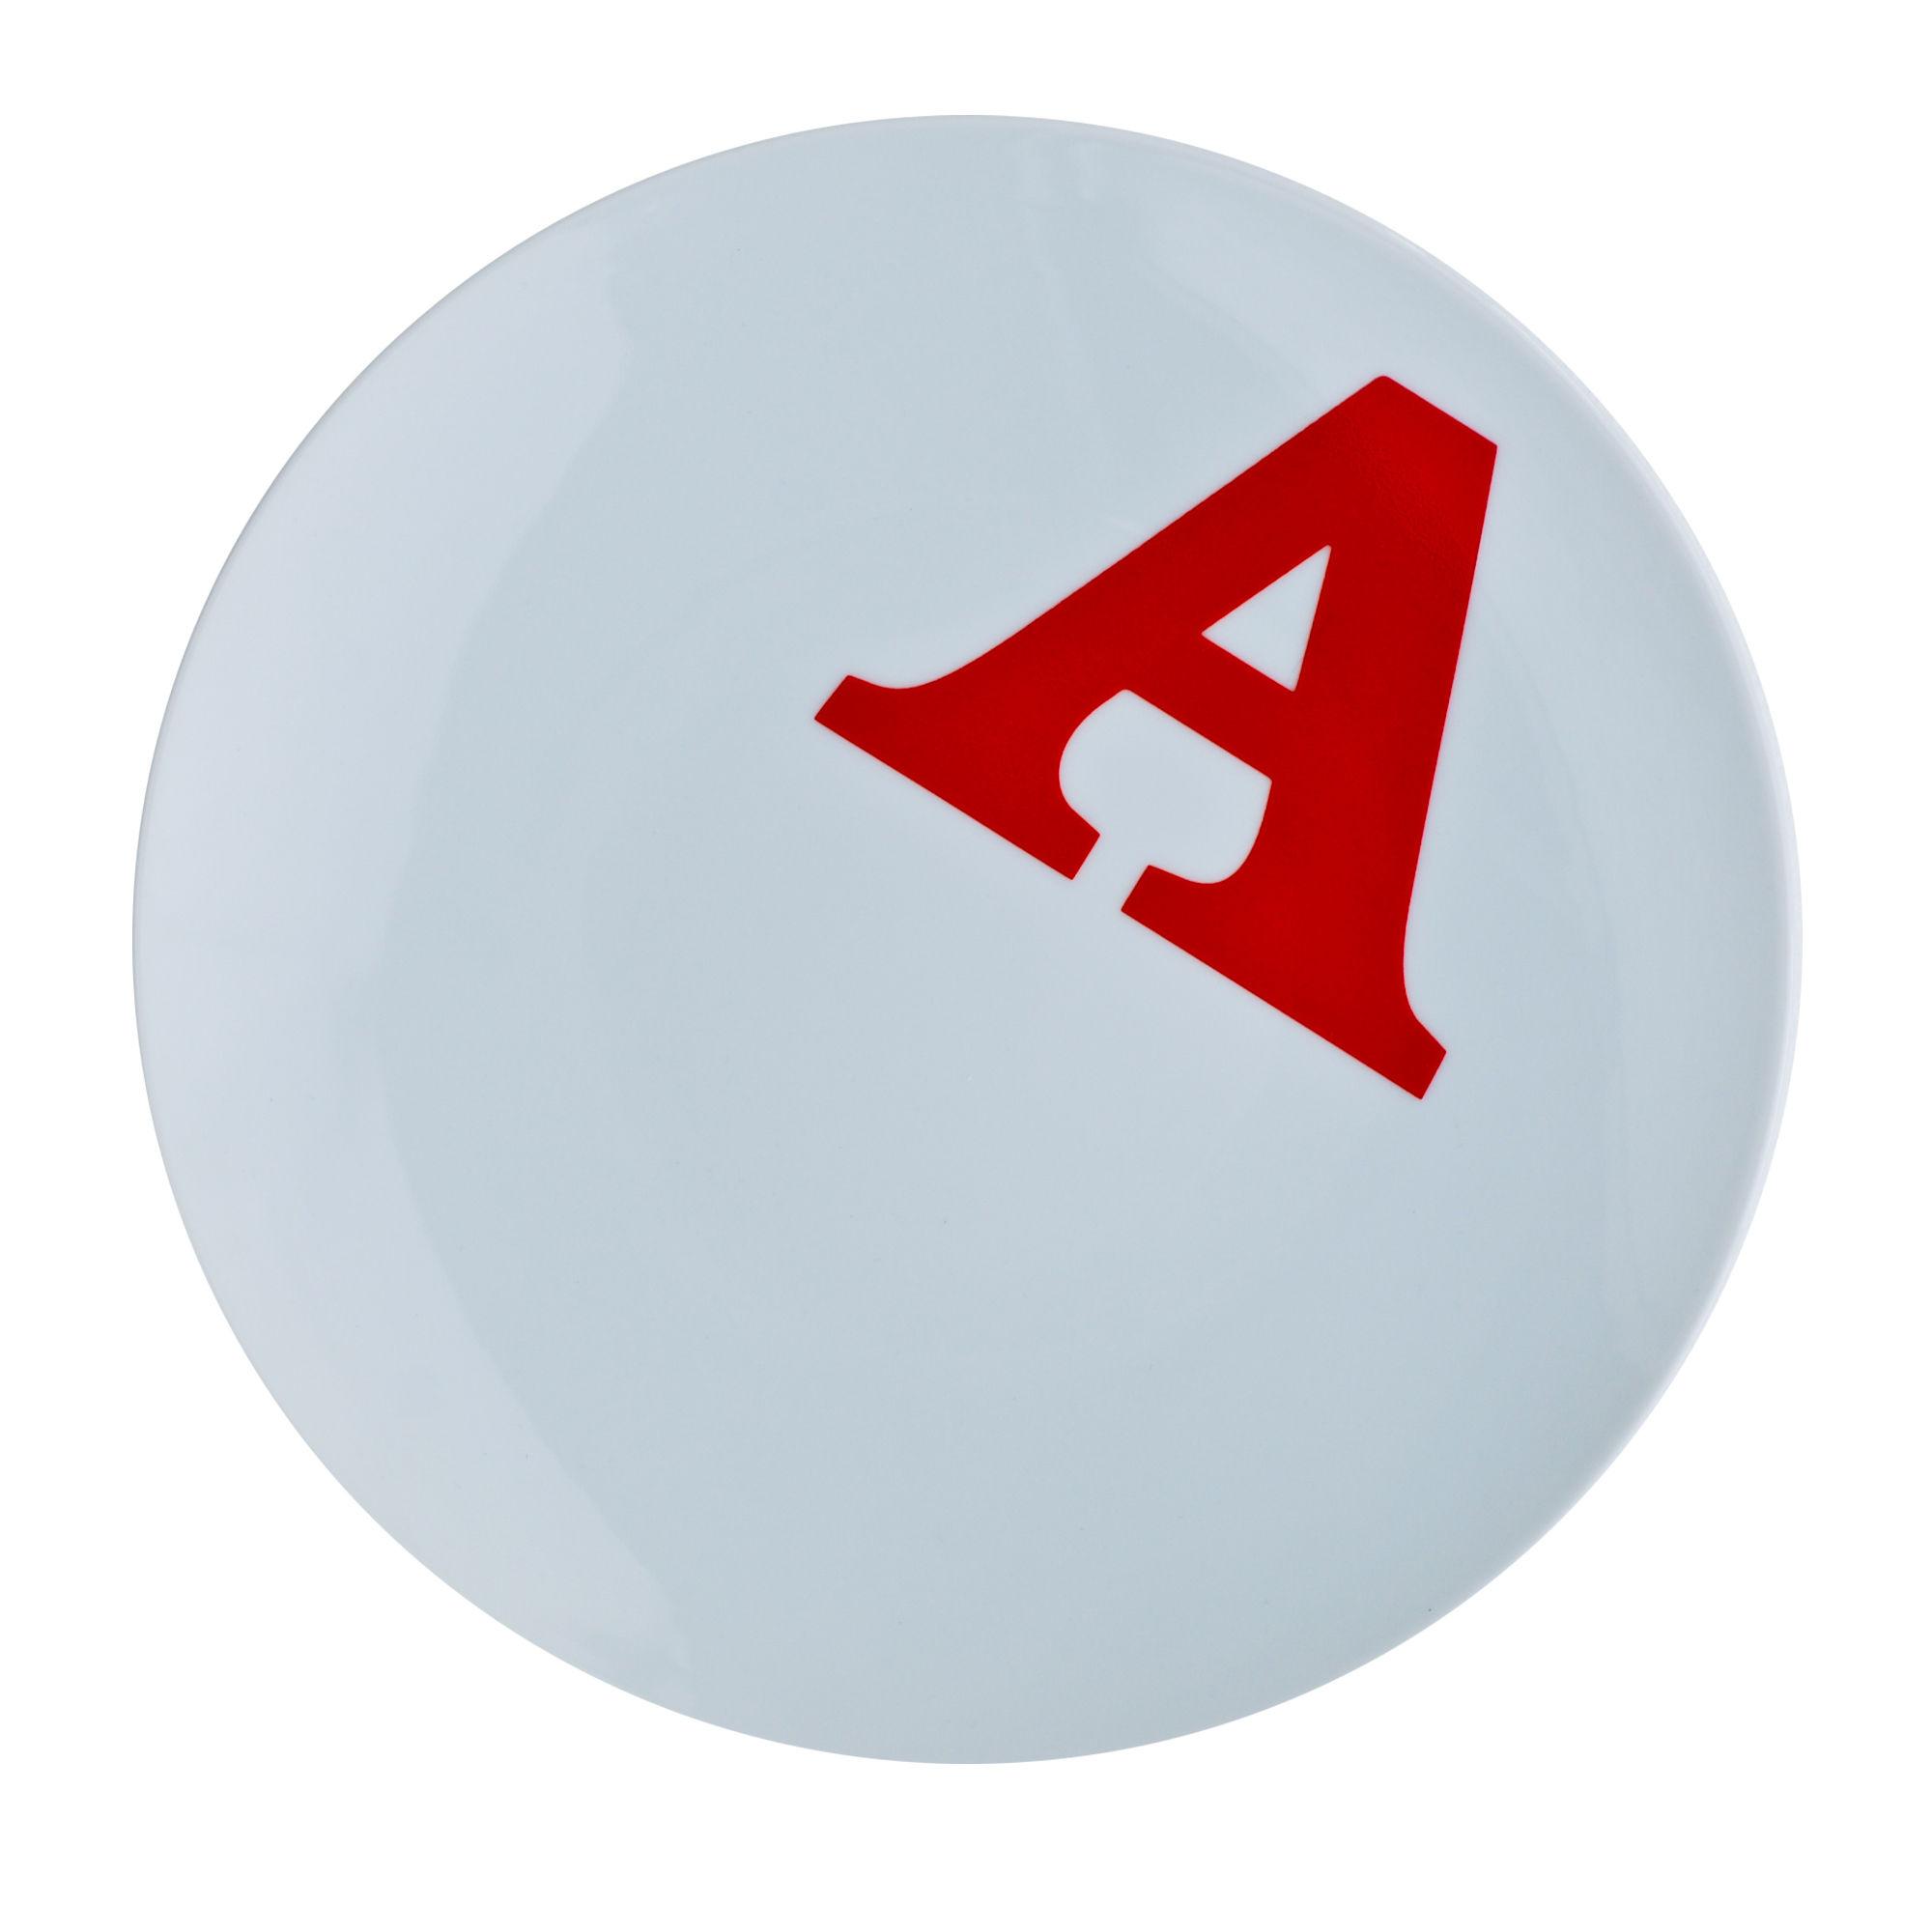 Arts de la table - Assiettes - Assiette Typo Collection lettre A / Ø 26 cm - Typo - A - Porcelaine